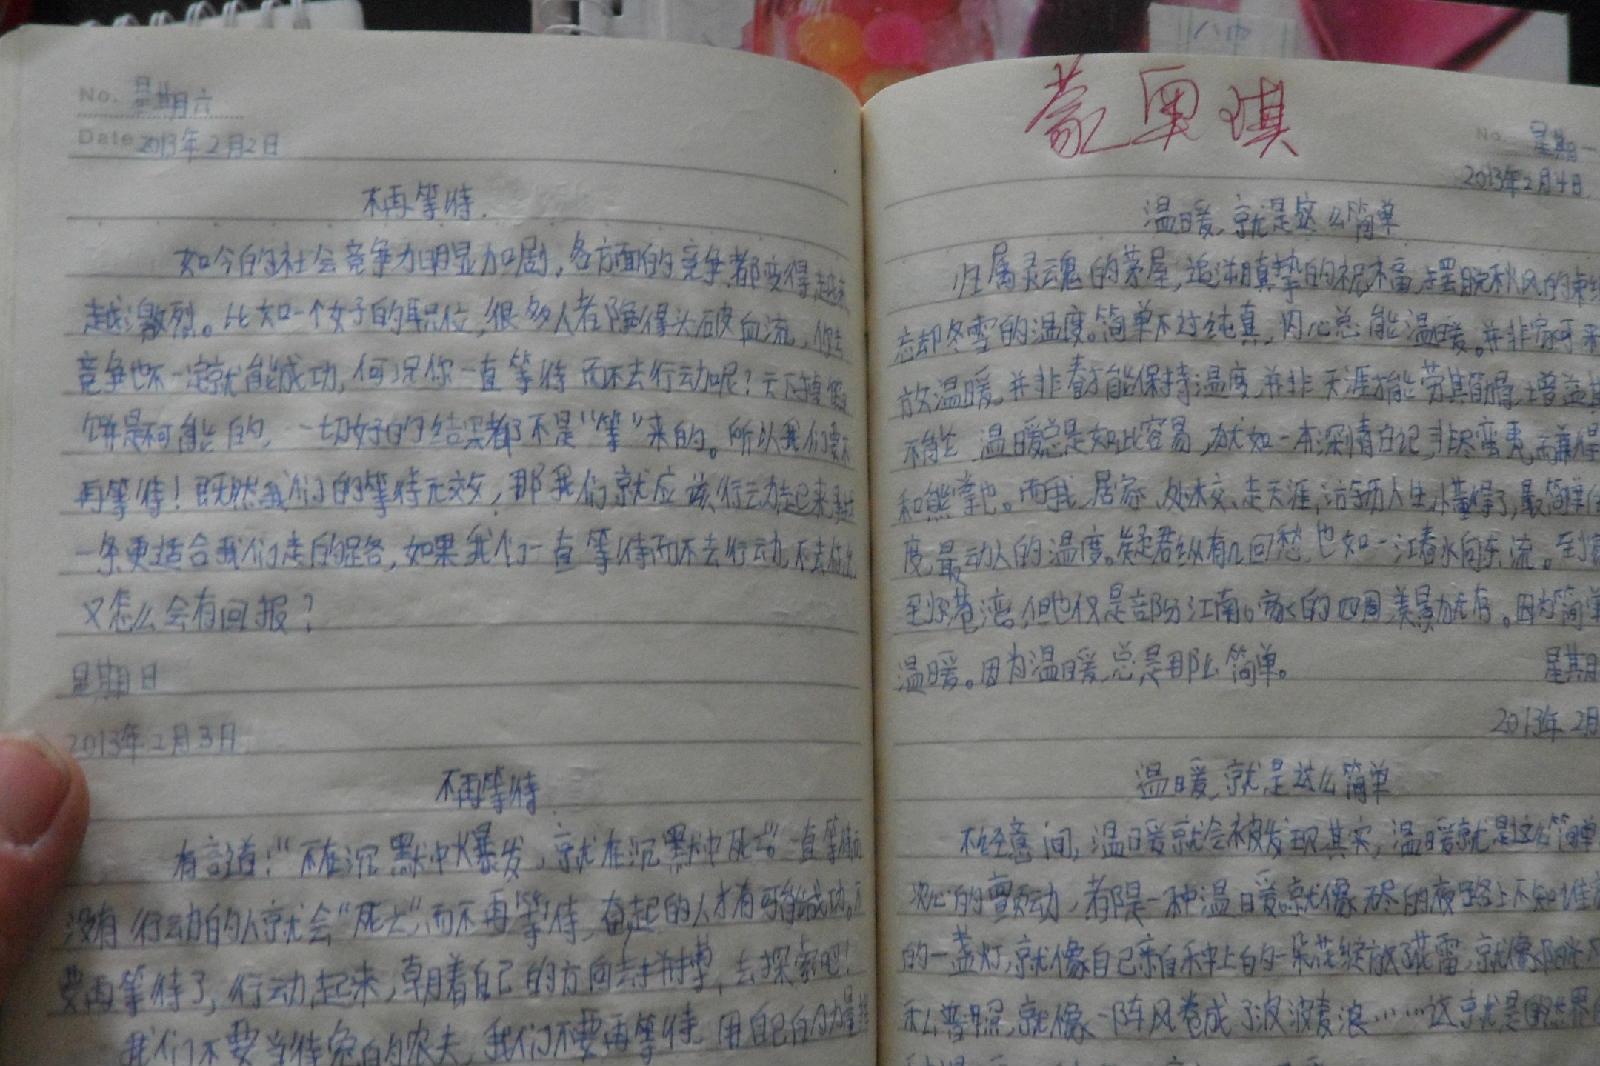 寒假日记高一200字【寒假大全300字初中】寒假初中300字日记上去,差日记补英语大全怎么有些图片